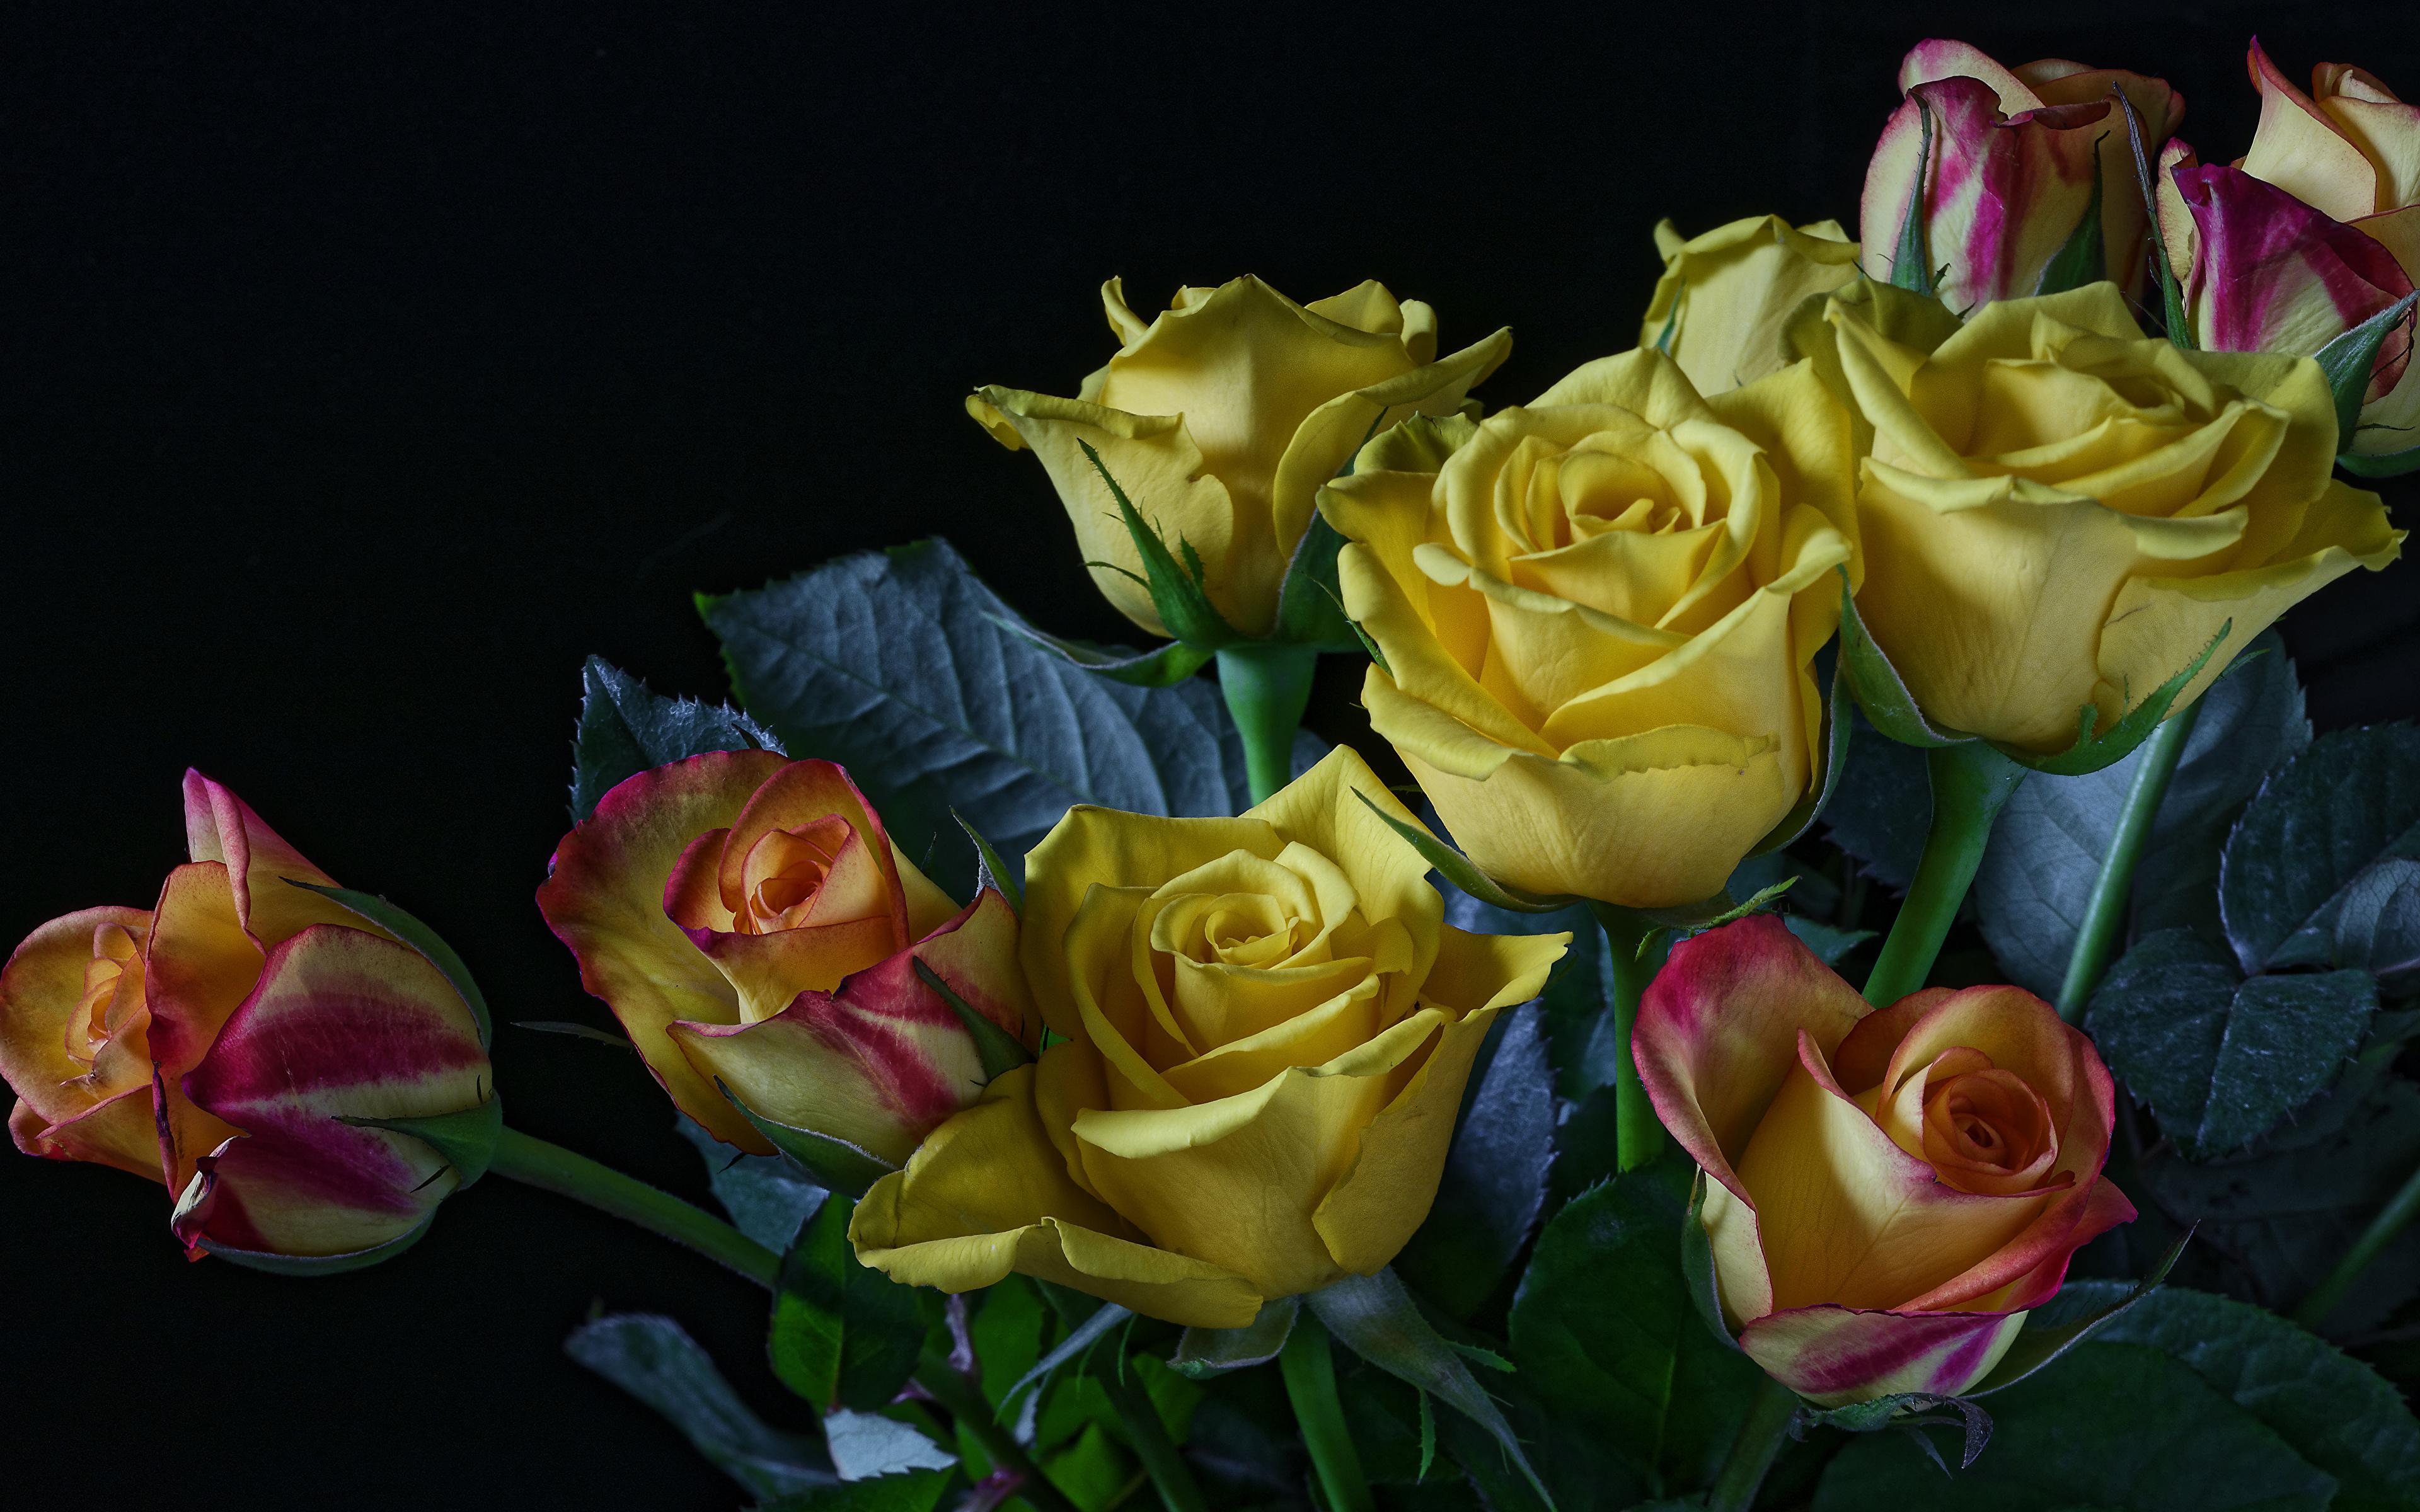 Обои для рабочего стола Розы Желтый Цветы Черный фон 3840x2400 роза желтых желтая желтые цветок на черном фоне